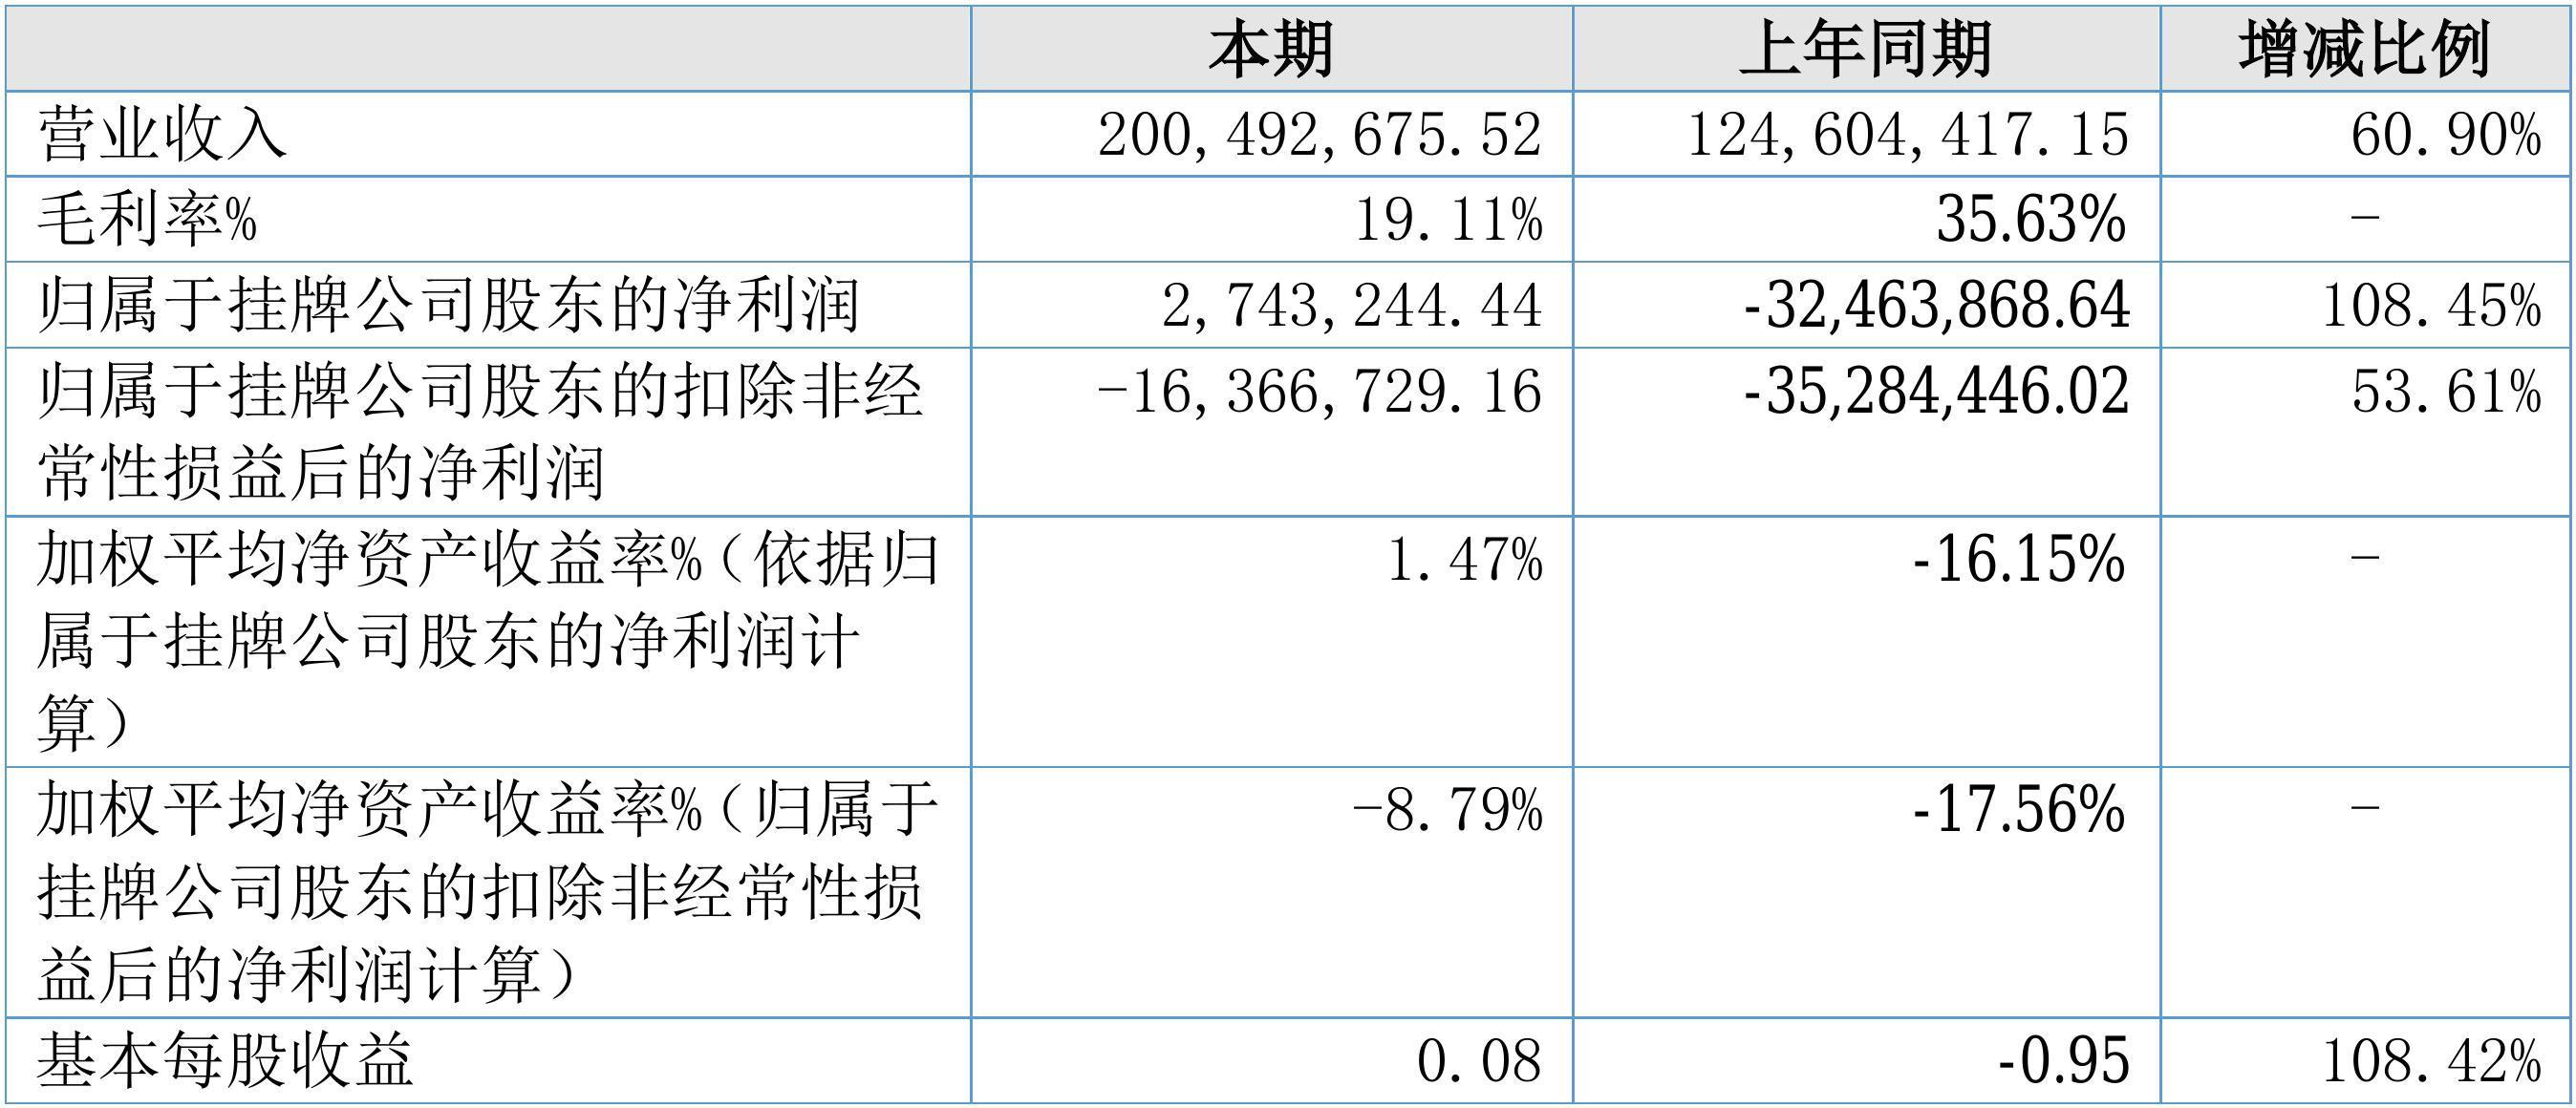 【财报季】绿网天下2017年度财报: 营收2.00亿元,净利润274.32万元